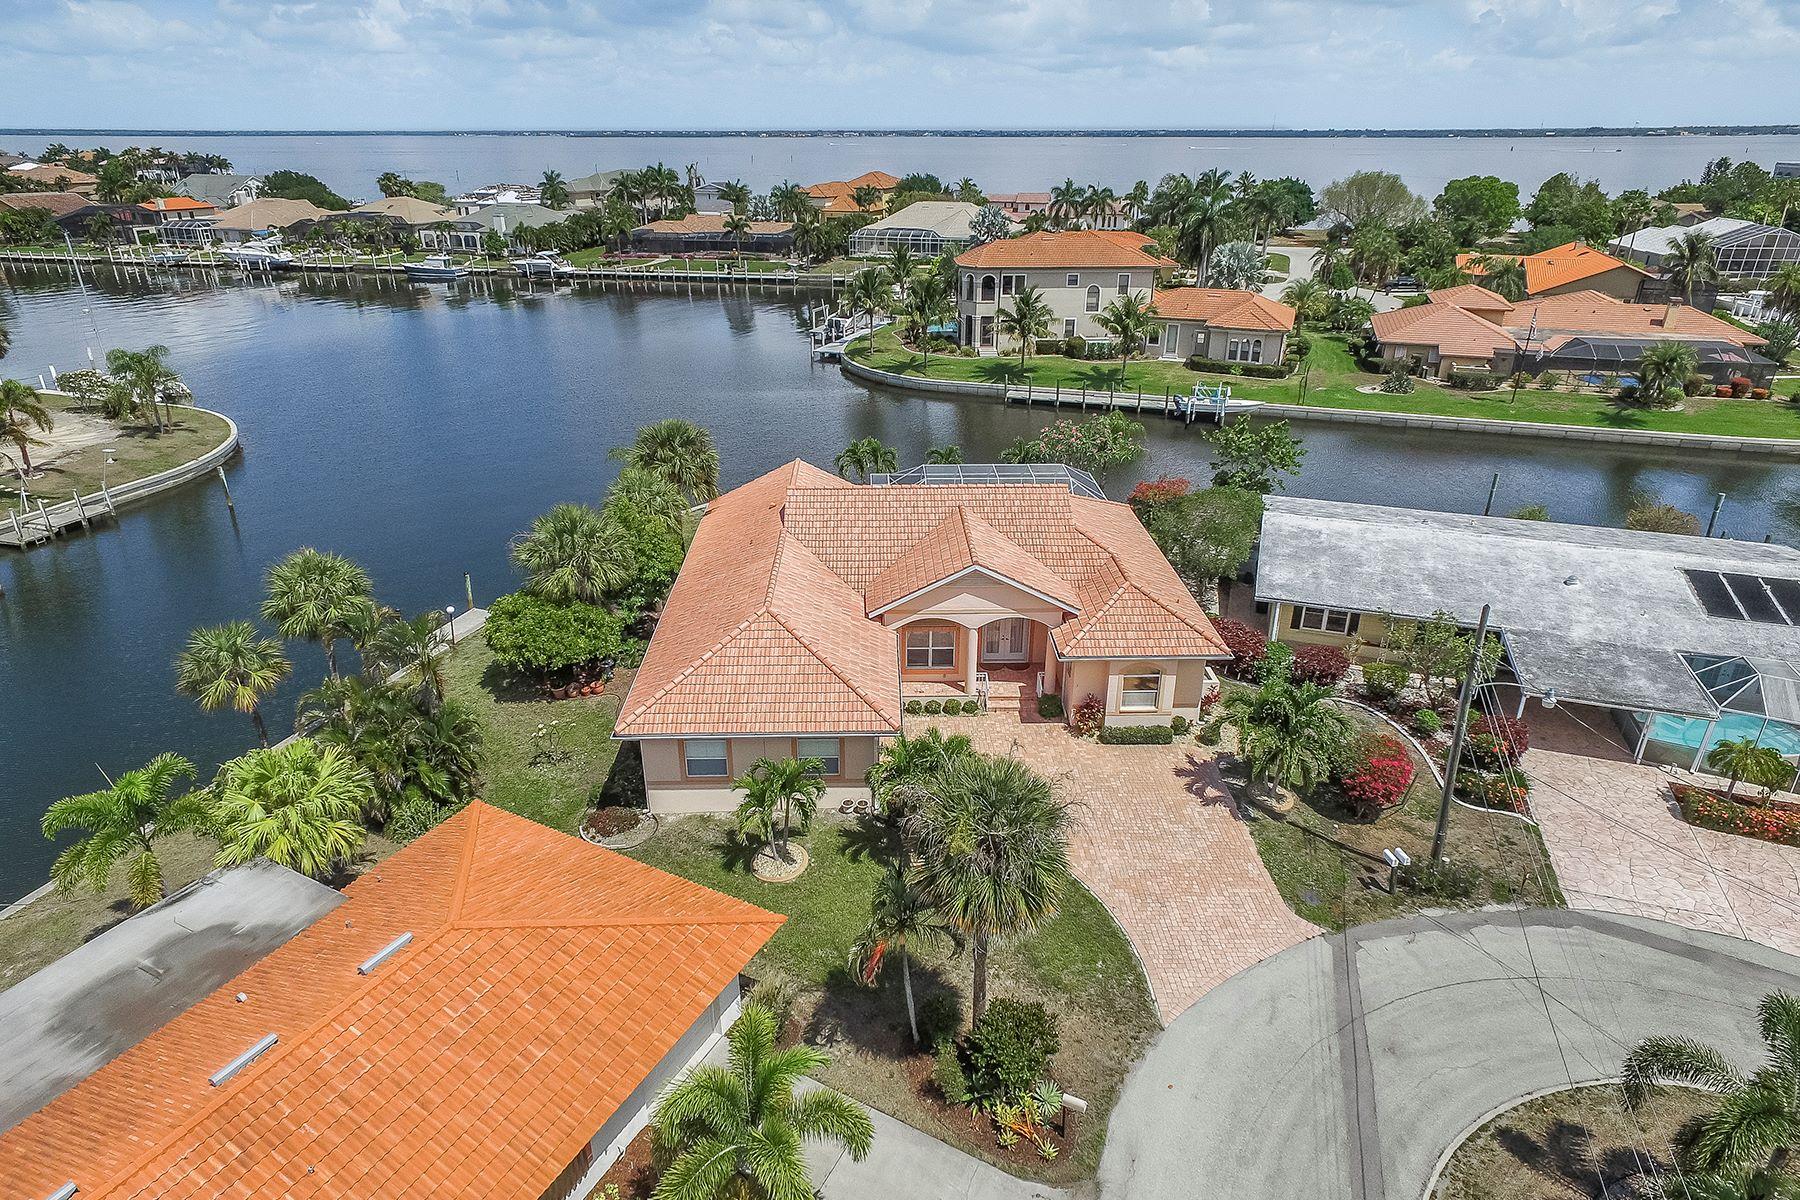 단독 가정 주택 용 매매 에 PUNTA GORDA ISLES 111 Maria Ct Punta Gorda, 플로리다, 33950 미국